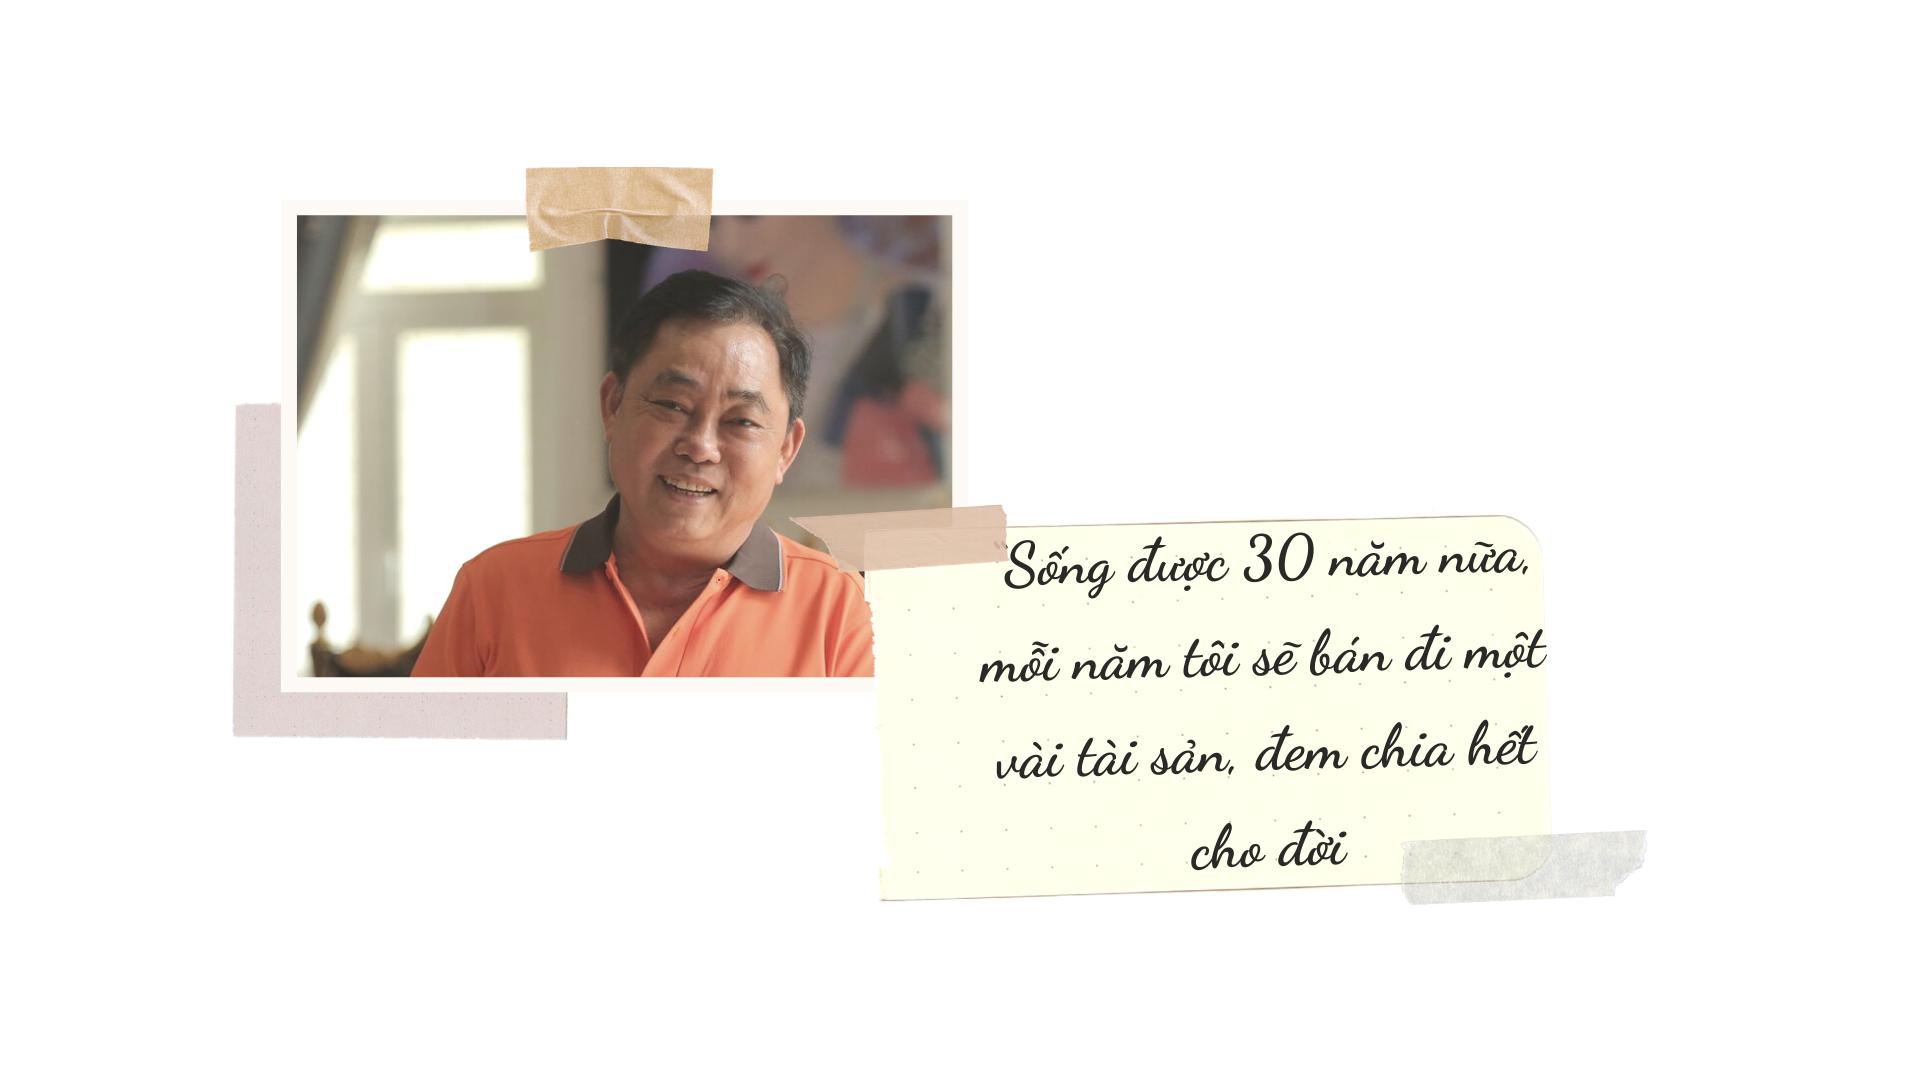 """Điều đặc biệt của các đại gia Việt tuổi Sửu giàu """"nứt đố đổ vách"""" - Ảnh 4."""